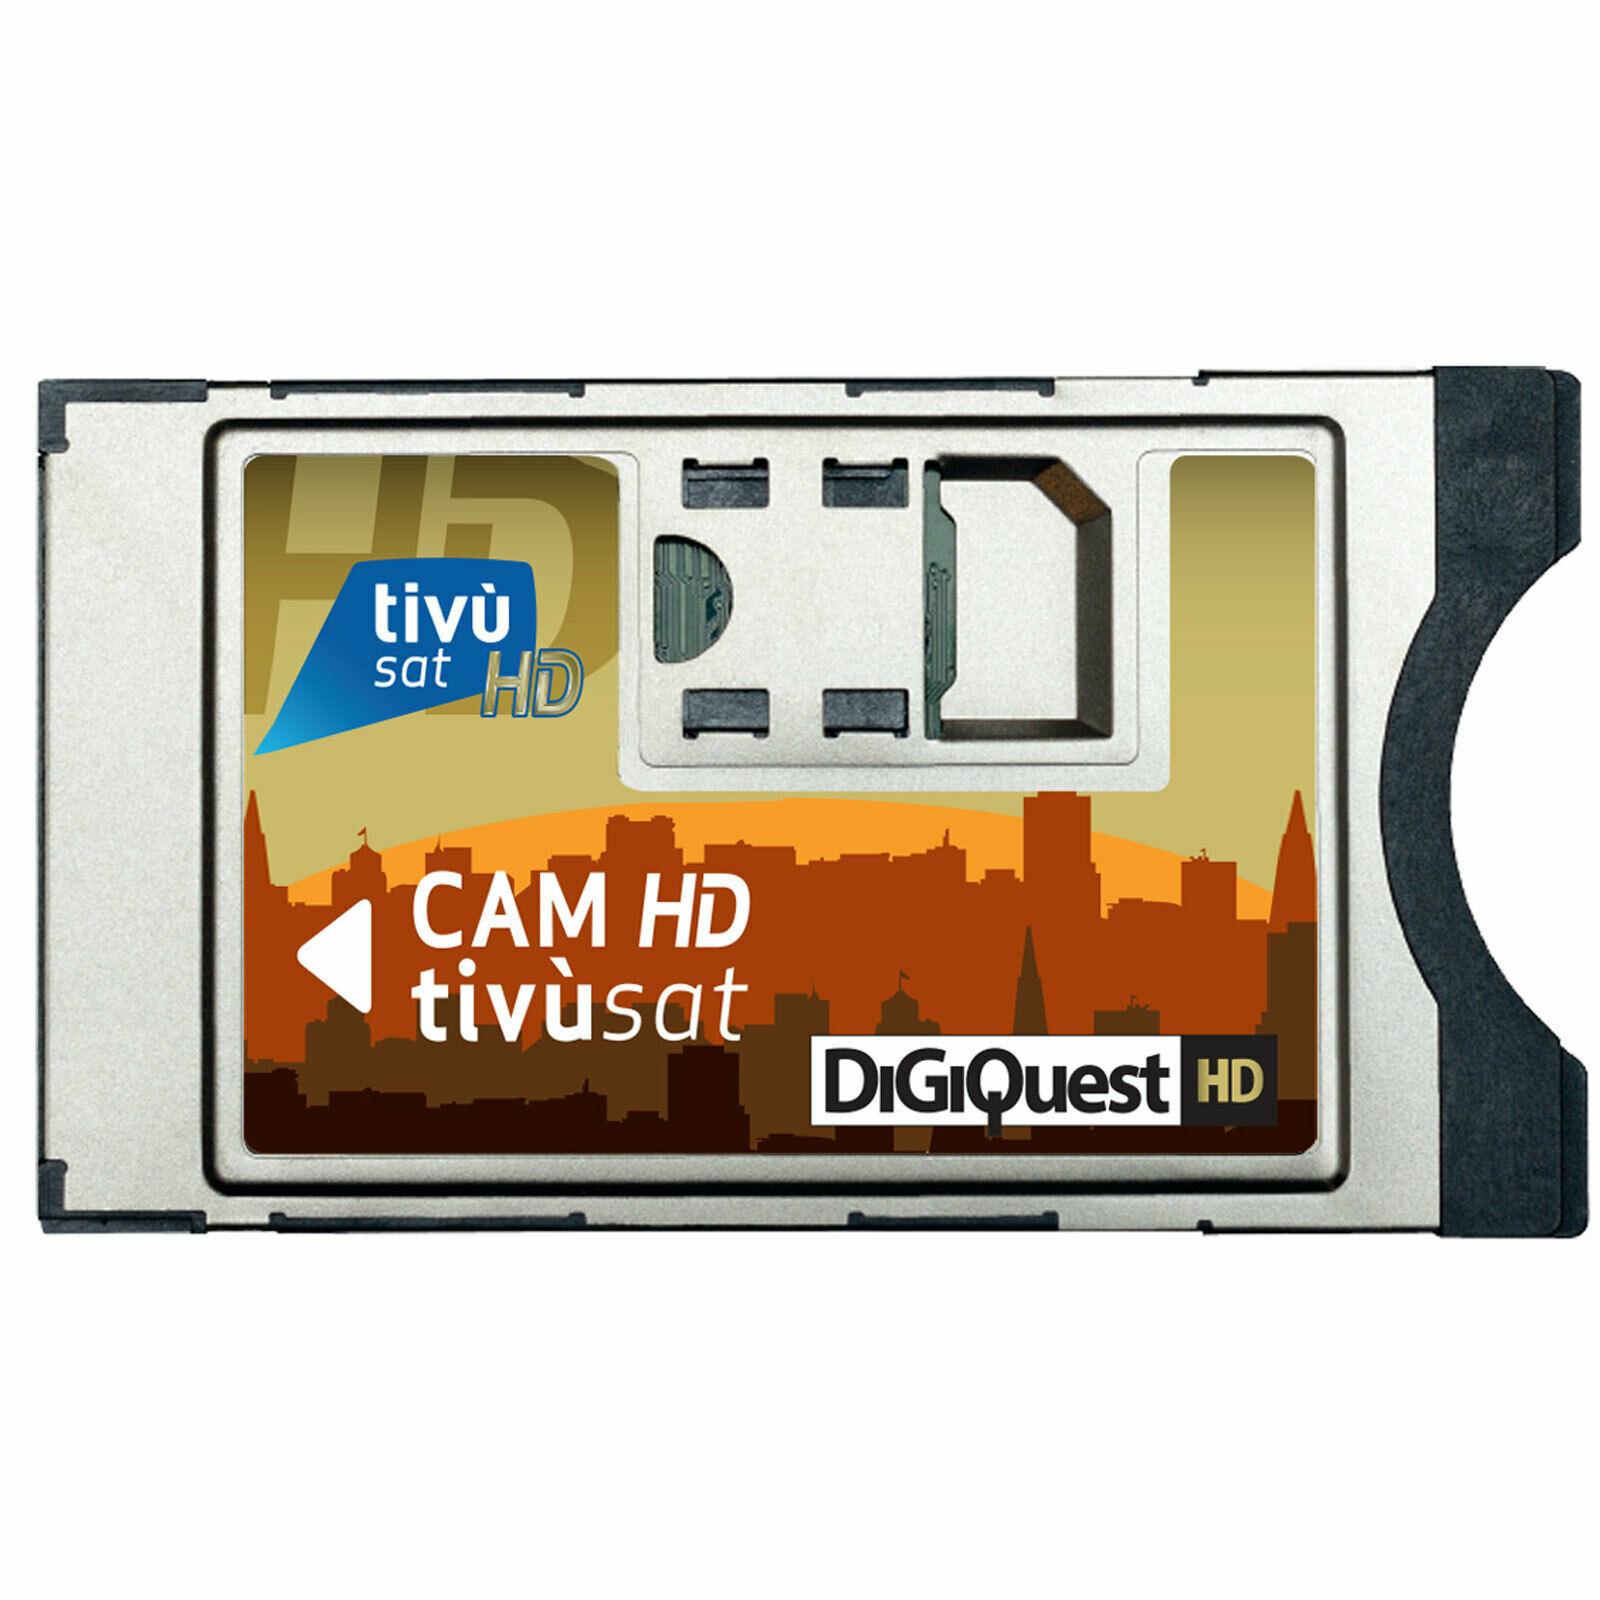 Tivusat Cam Modul SmarCam Full HD für Tivusat CI Modul ohne Karte HDTV Ver.1.0